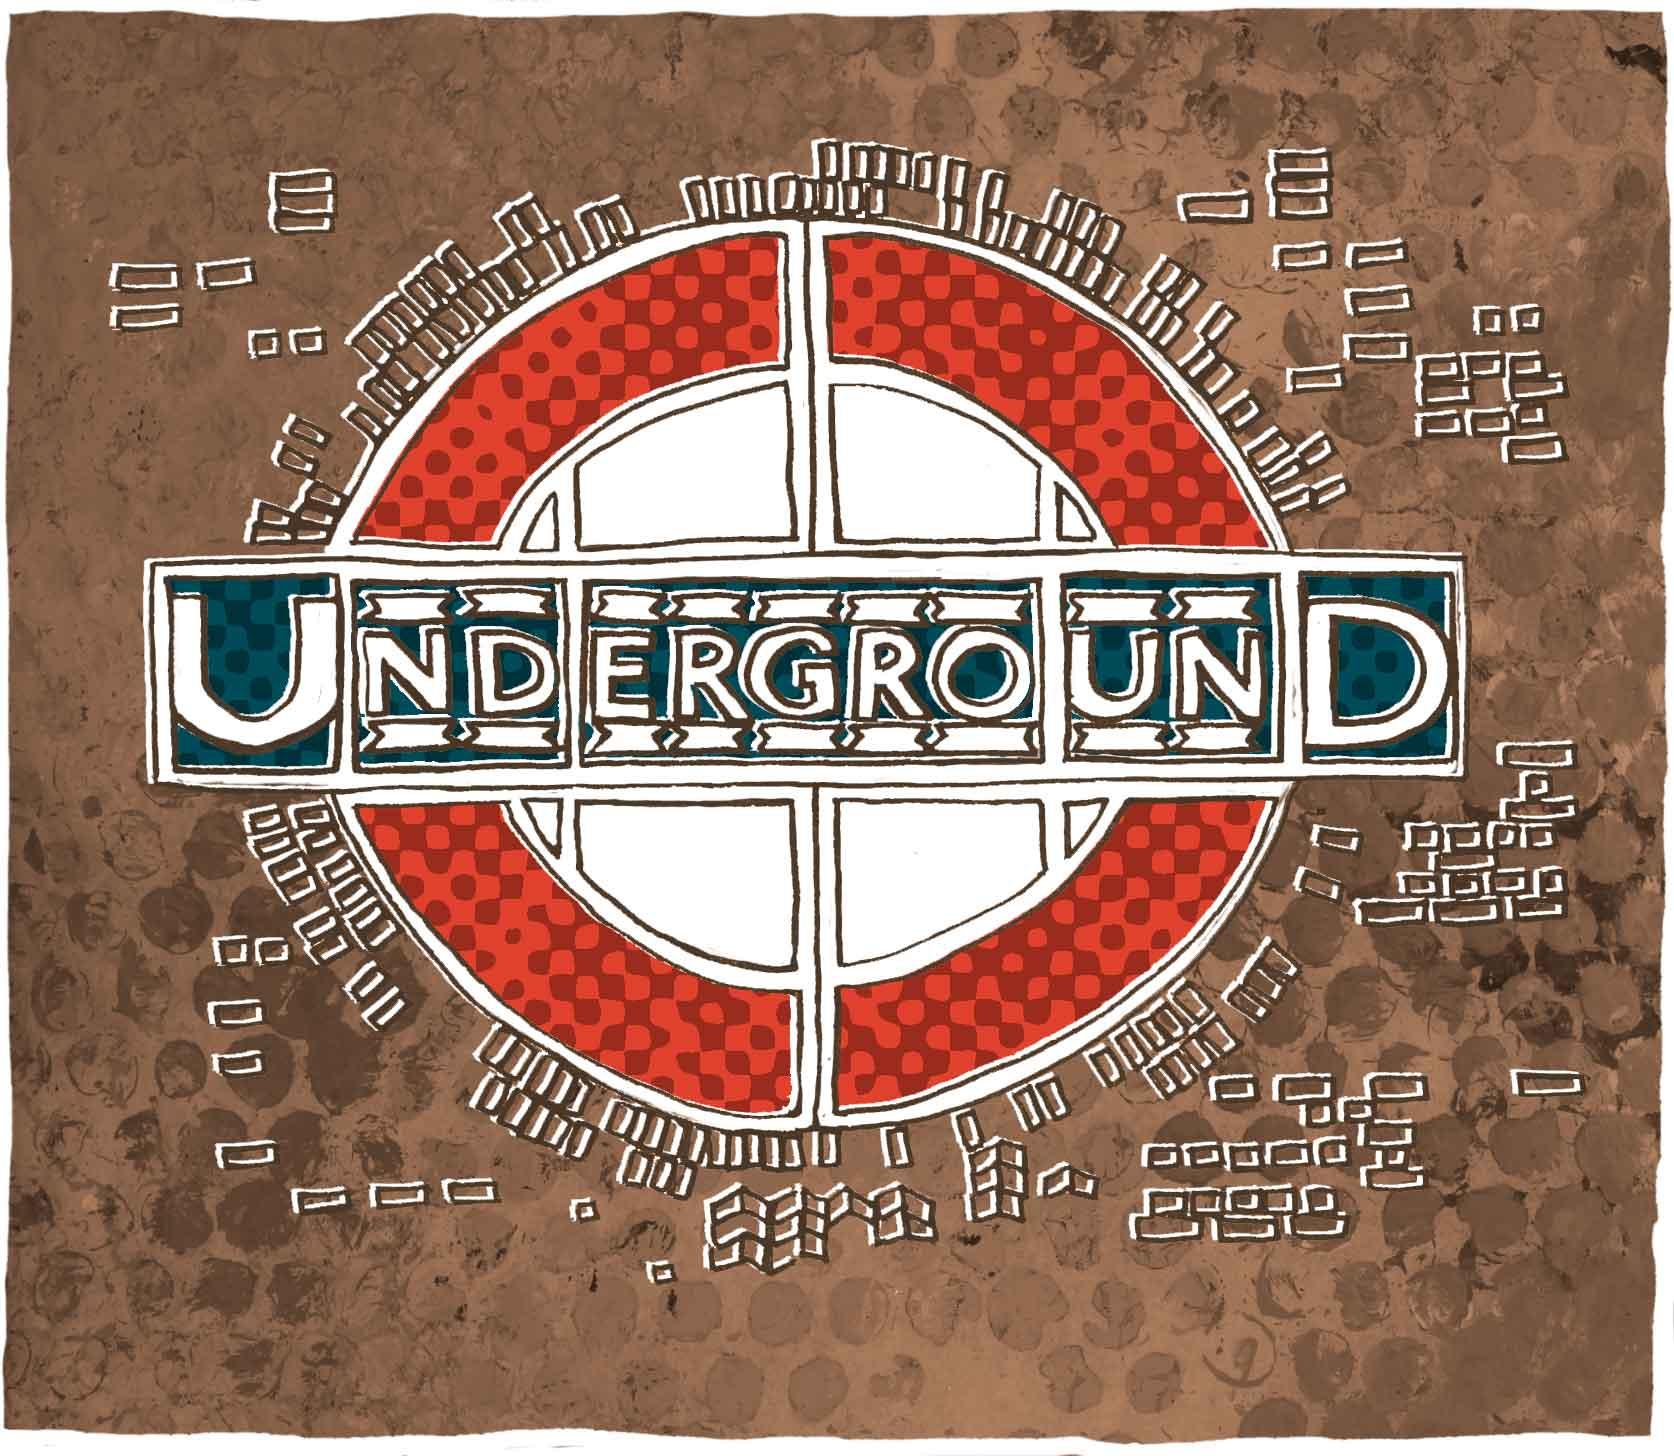 London Transport logo, inspired by Samuel's Mark